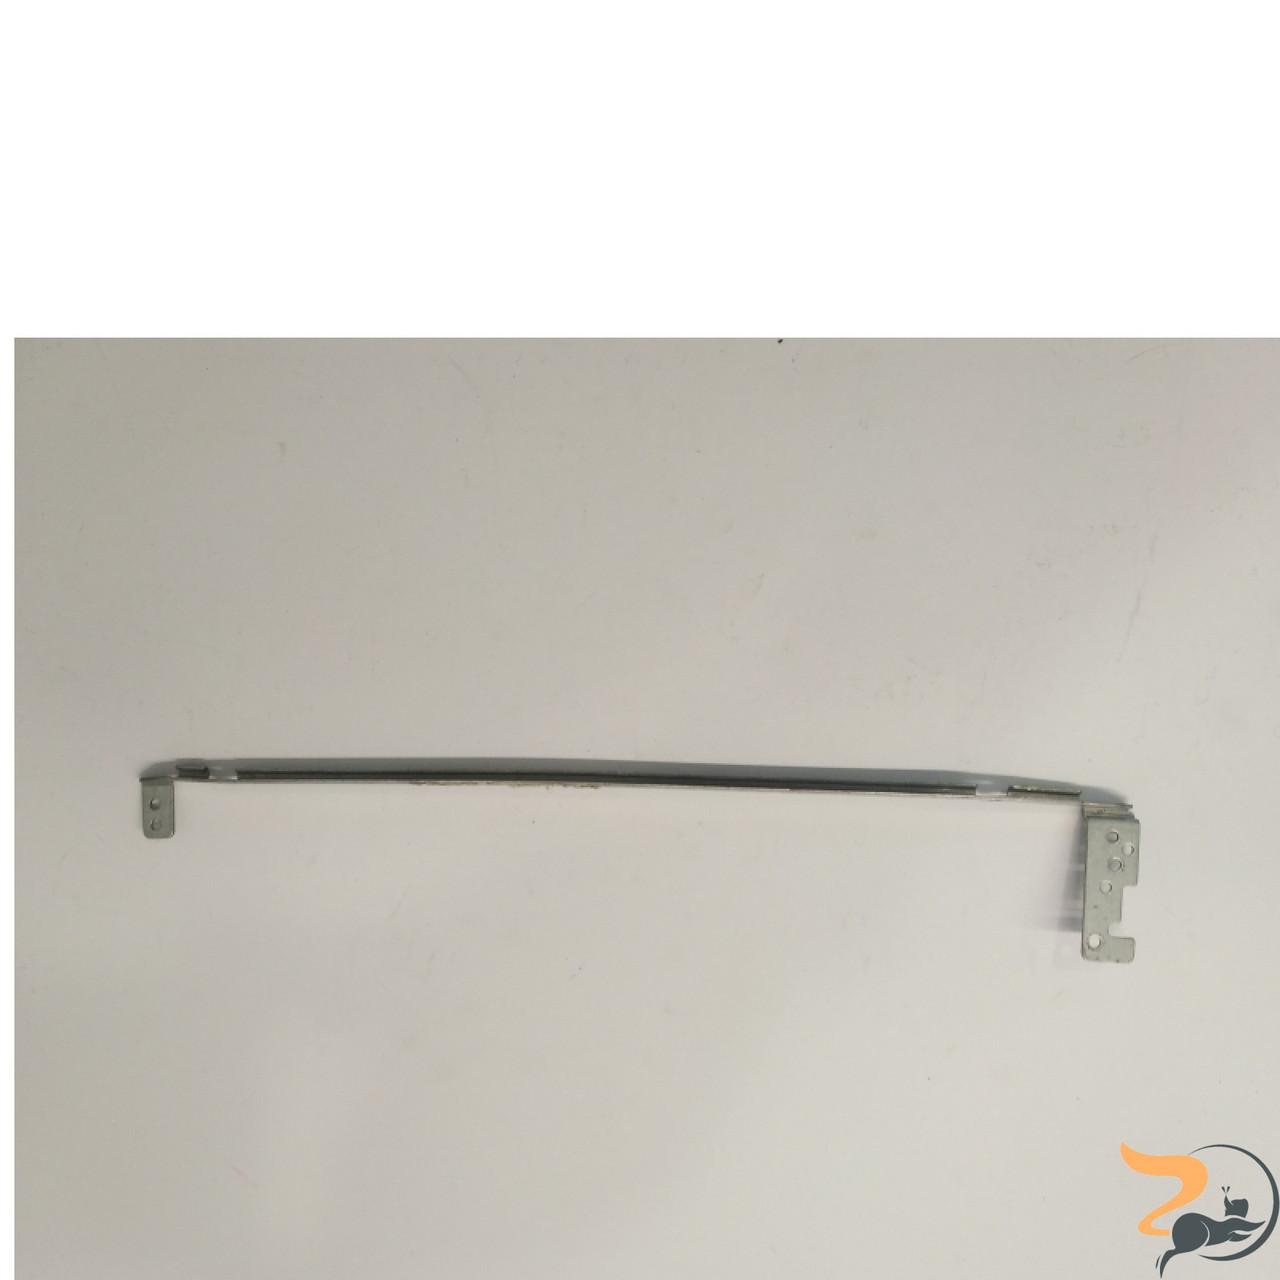 Ліва завіса для ноутбука Hp Pavilion G61, fb0f6028010, Б/В